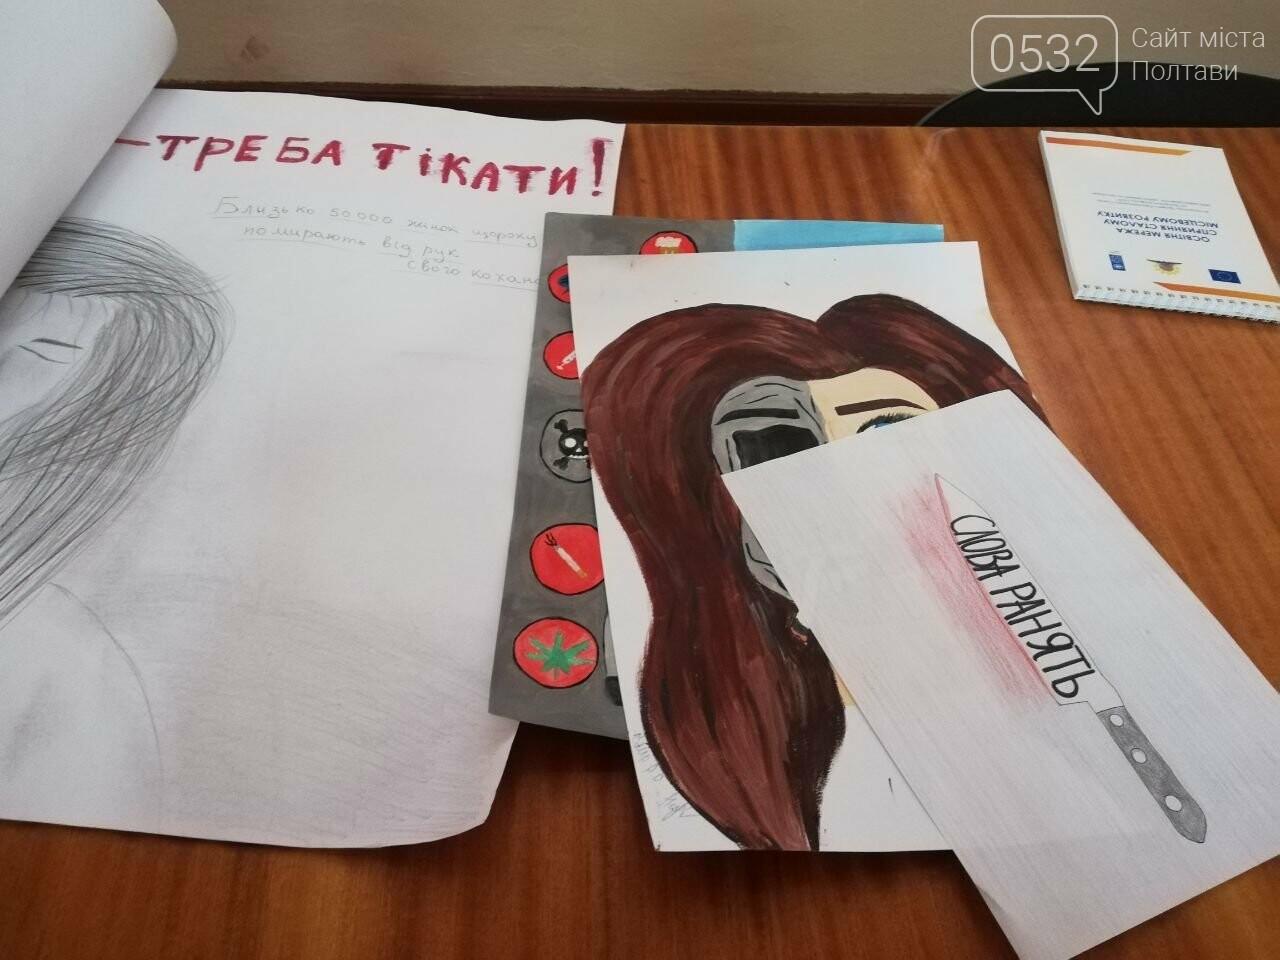 У Полтаві провели конкурс на кращий соціальний ролик серед студентів (ФОТО), фото-4